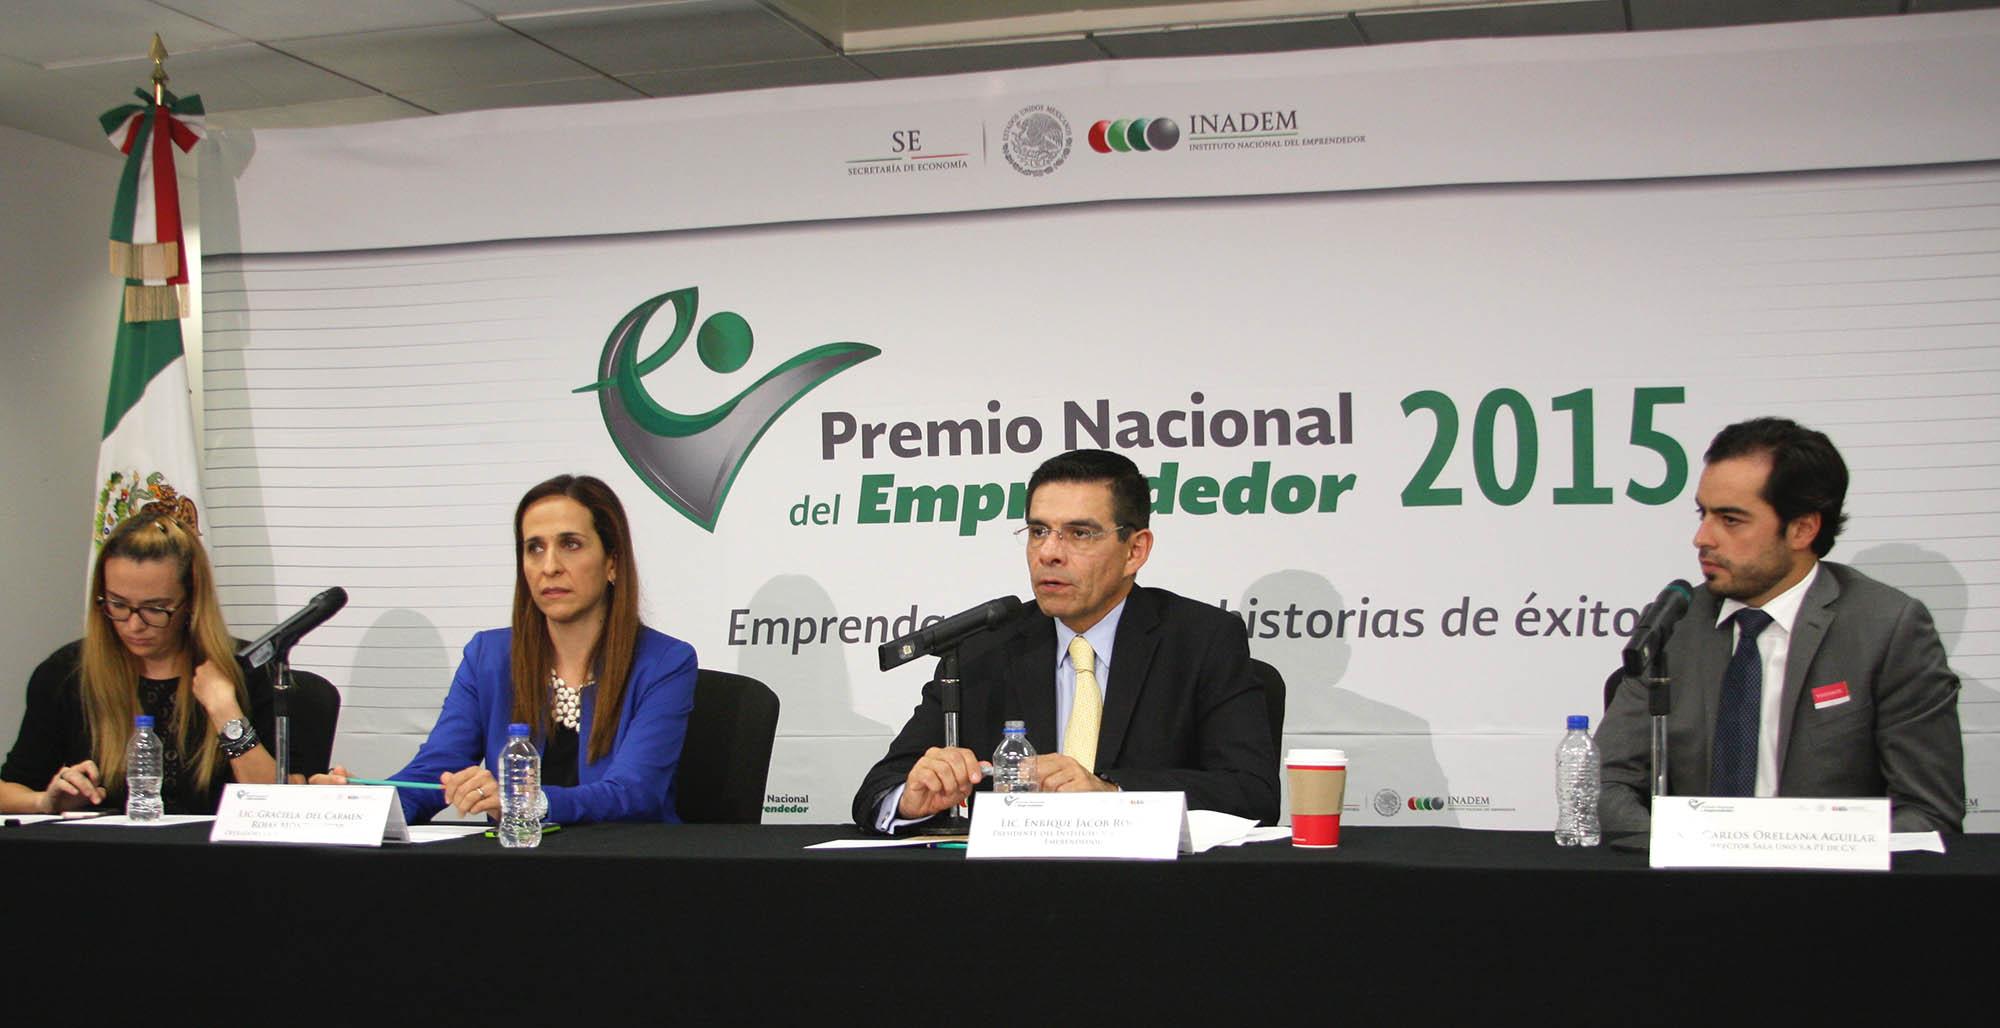 Presentan Convocatoria para participar en el Premio Nacional del Emprendedor 2015